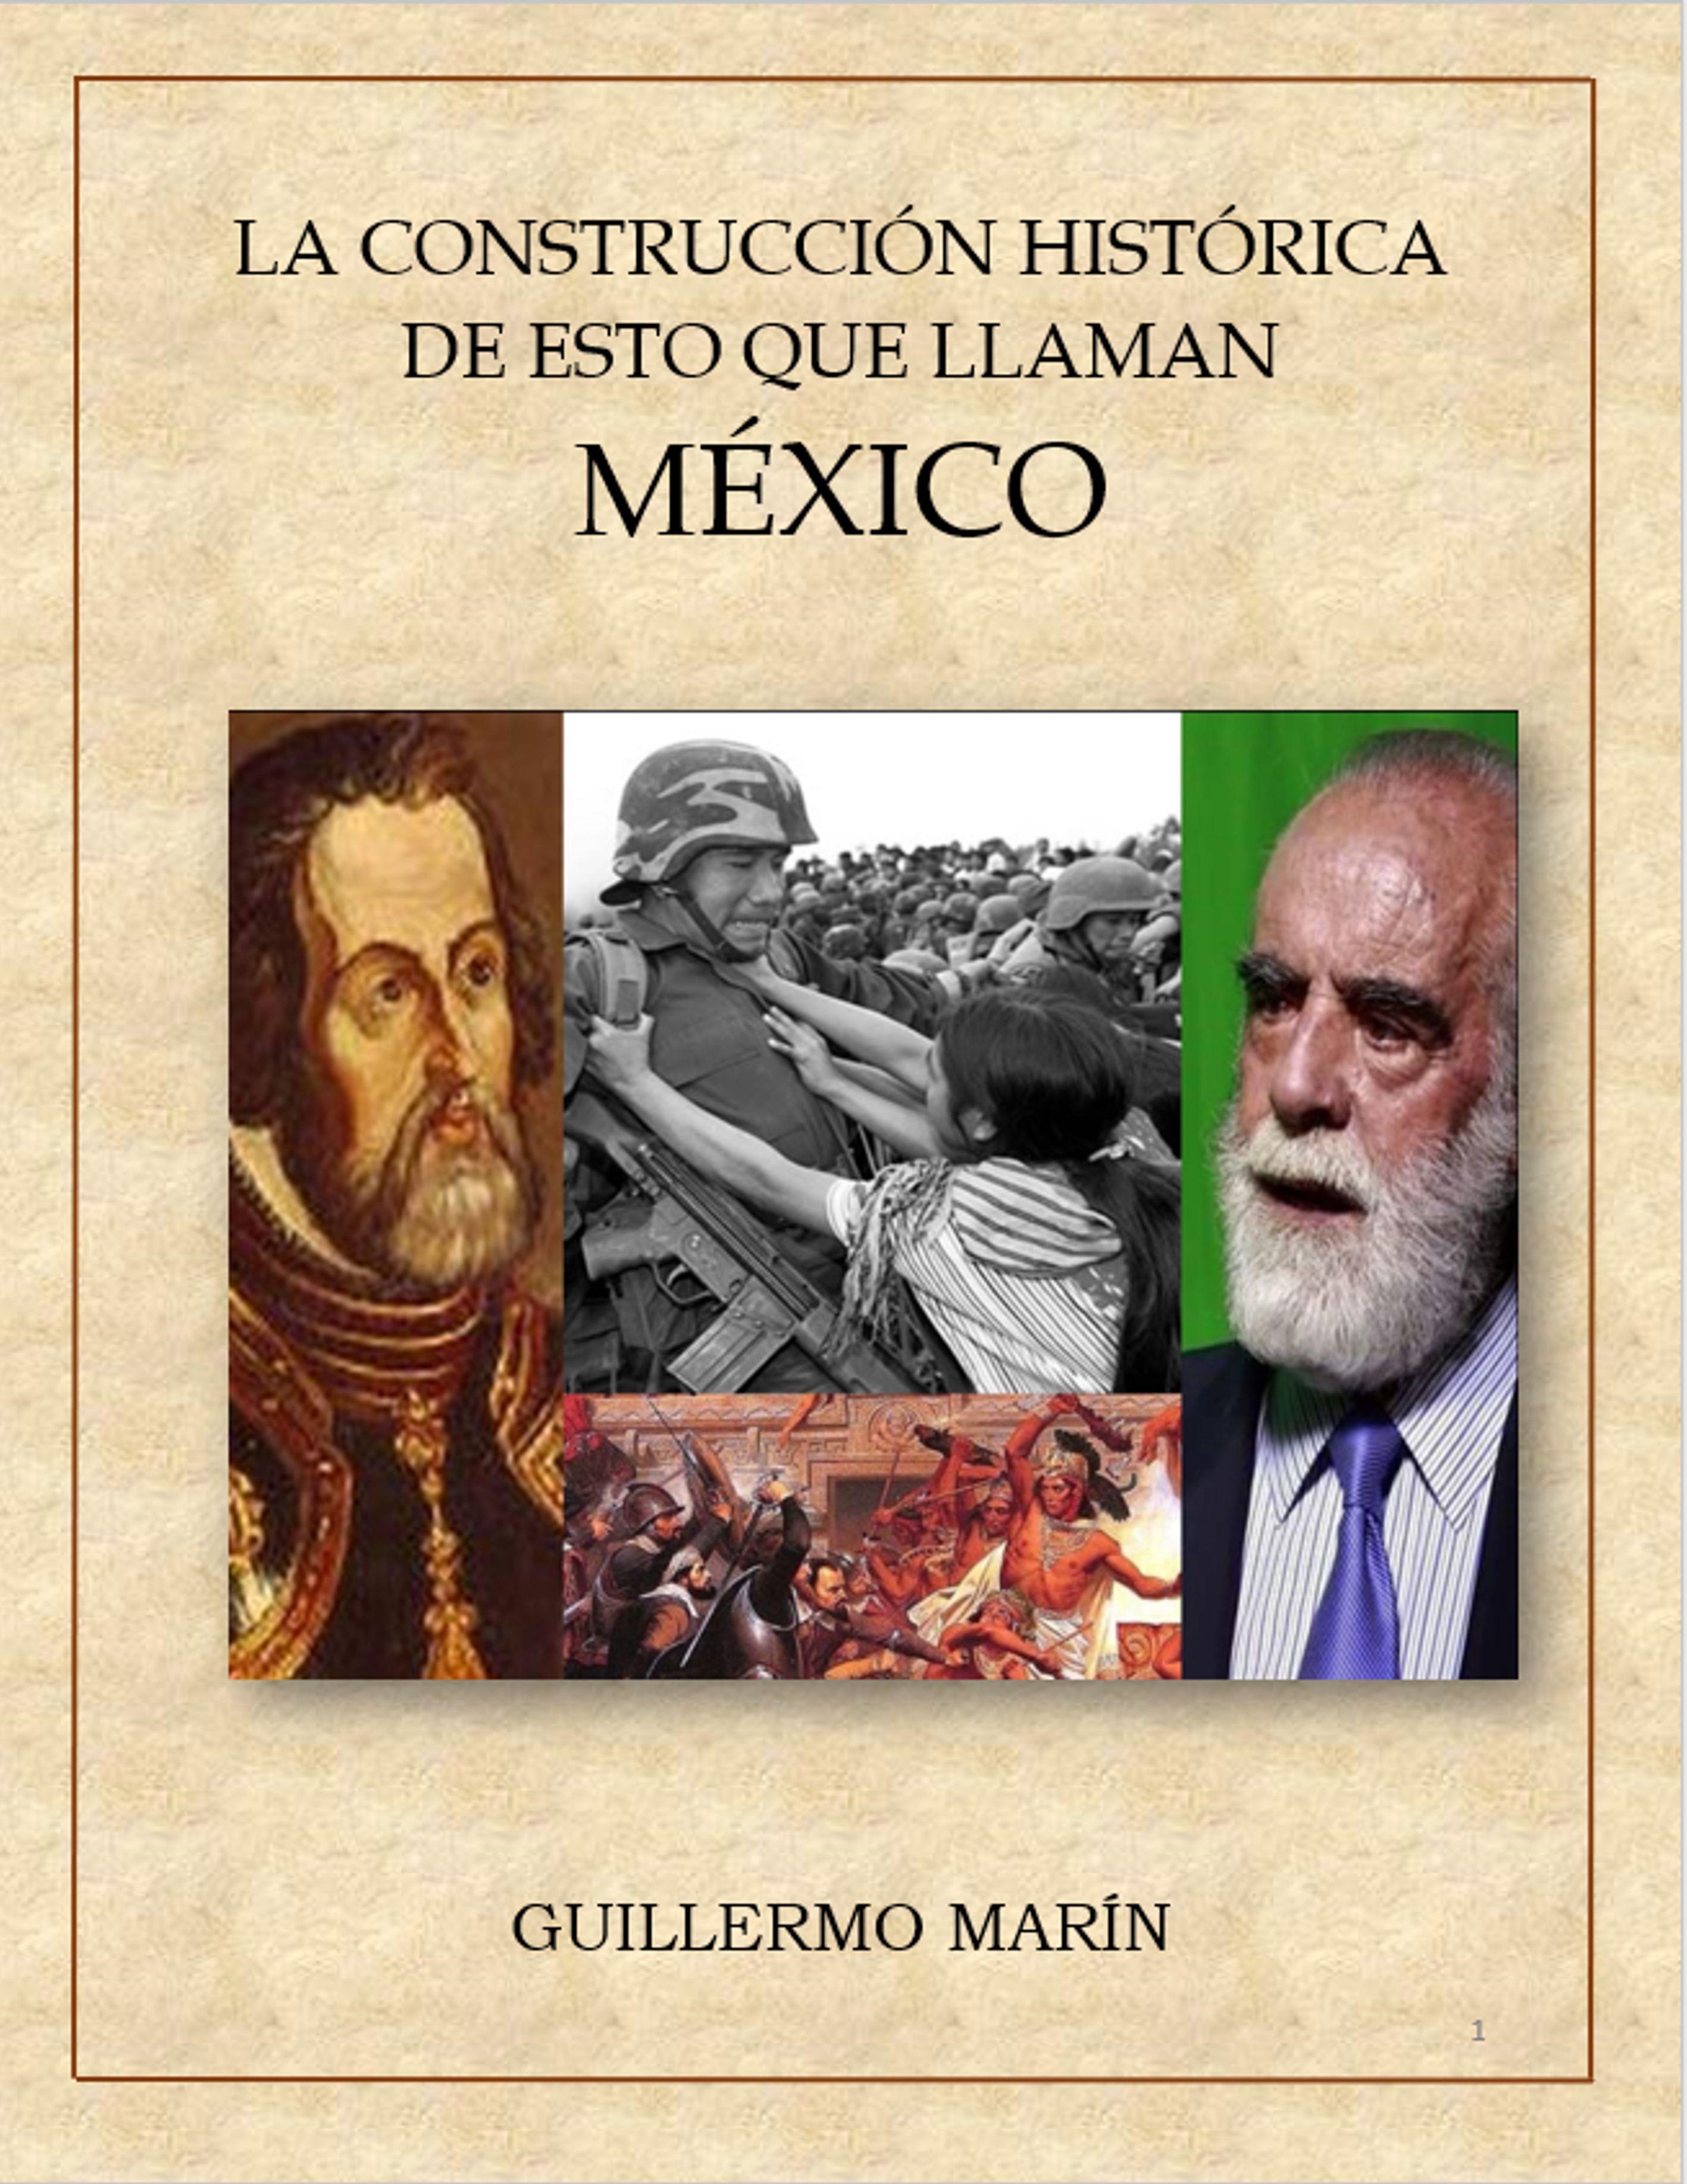 LA CONSTRUCCIÓN DE ESTO QUE LLAMAN MÉXICO